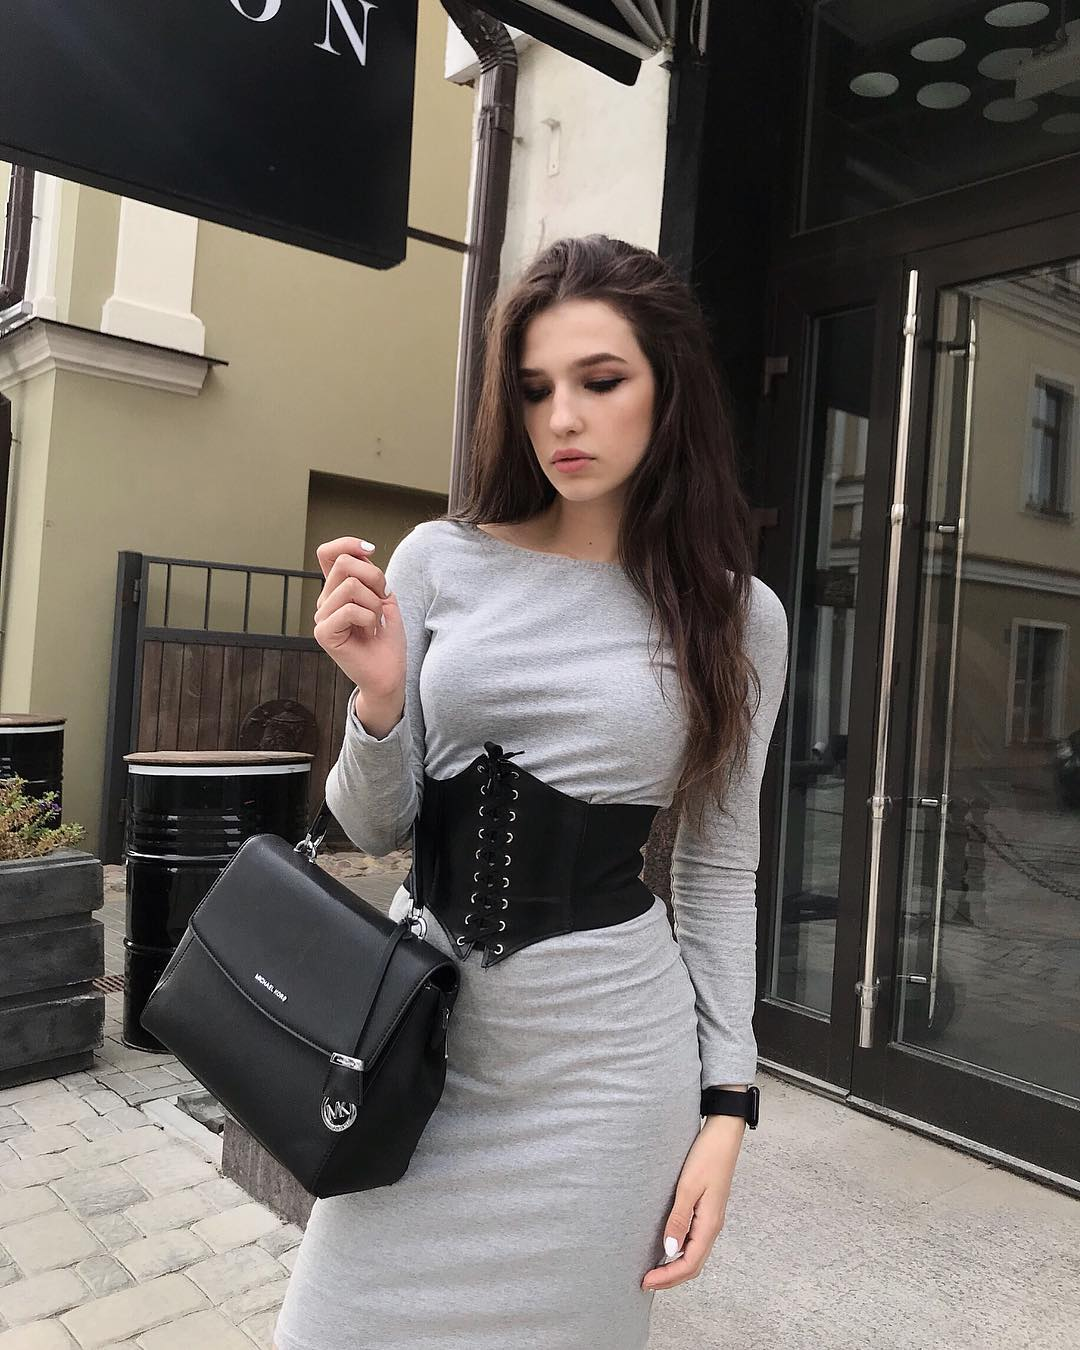 Zavrazzhnova-Wallpapers-Insta-Fit-Bio-Alexandra-Zavrazhnova-Wallpapers-Insta-Fit-Bio-6